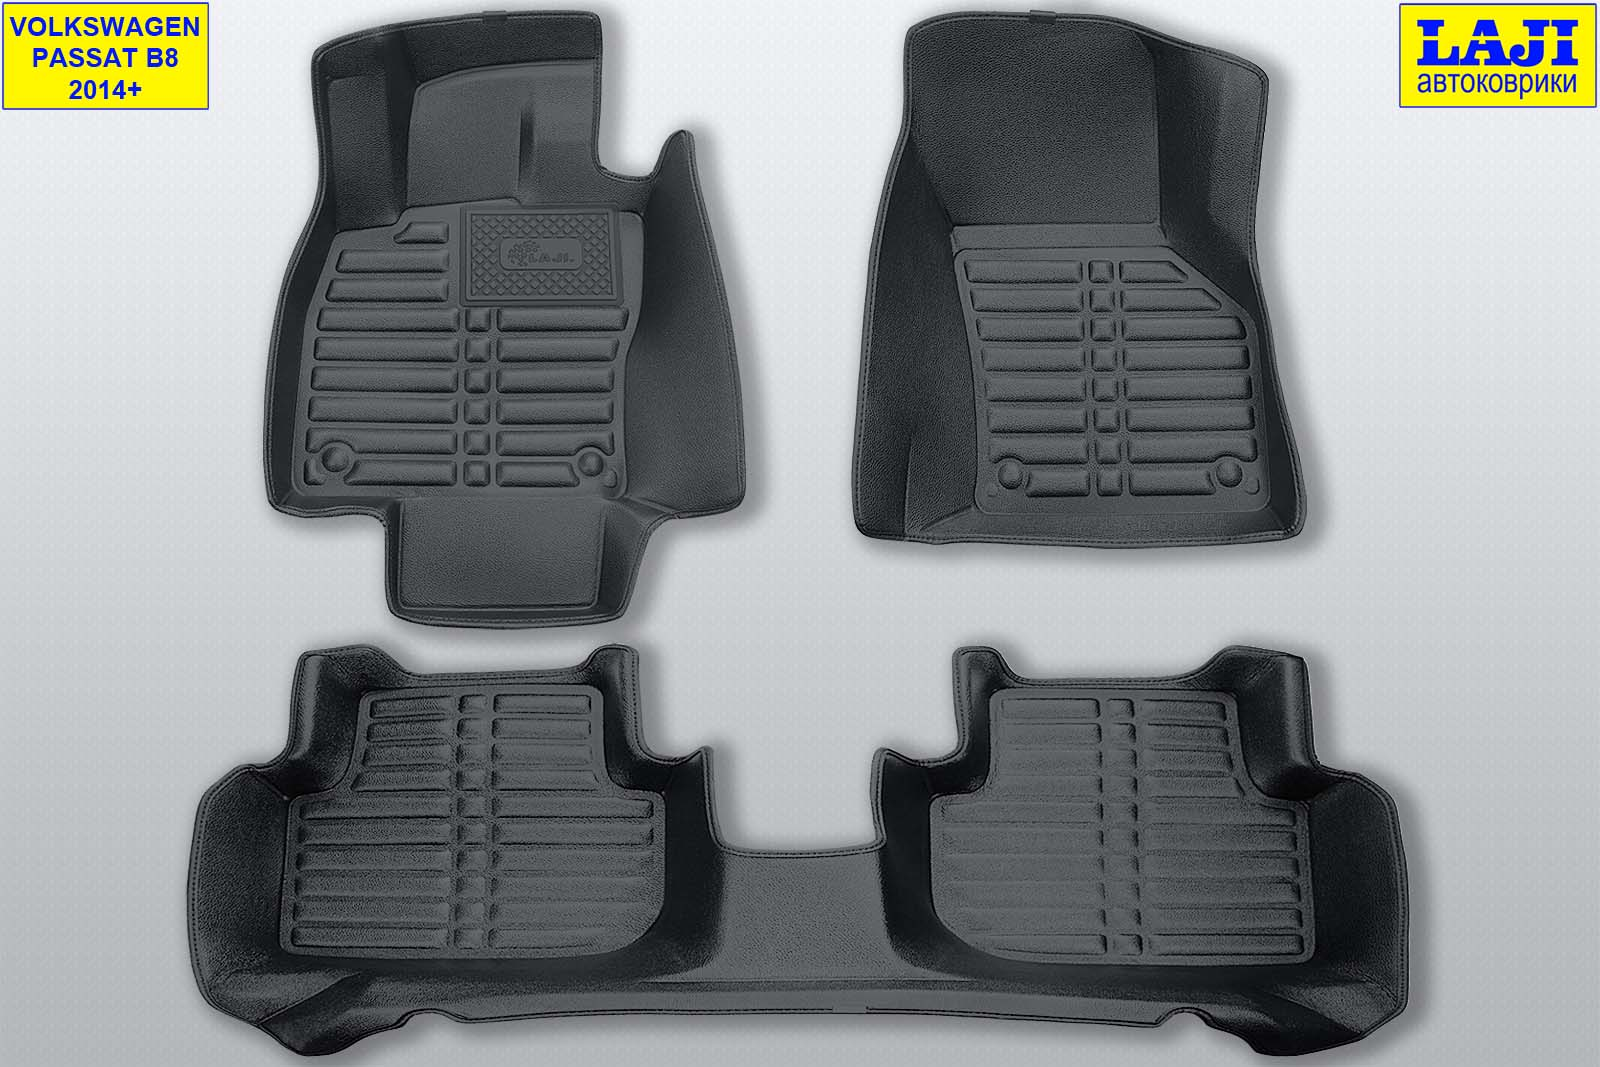 5D коврики в салон Volkswagen Passat B8 2014-н.в. 1